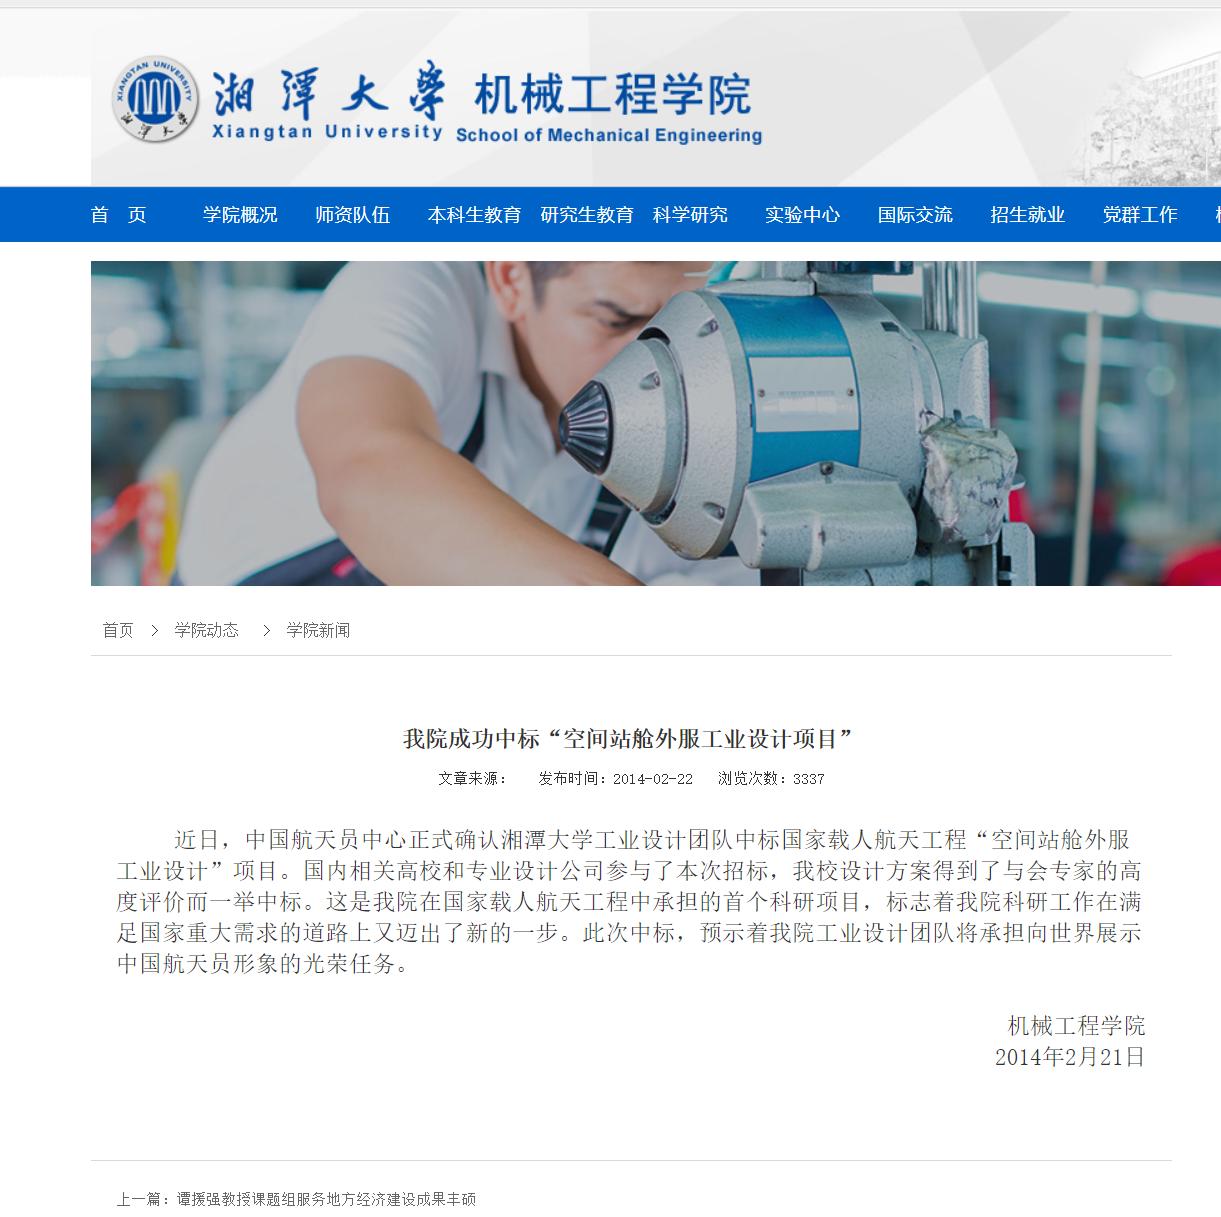 2014年湘潭大学机械工程学院在其官网发布成功中标的信息。湘潭大学机械工程学院官网 图